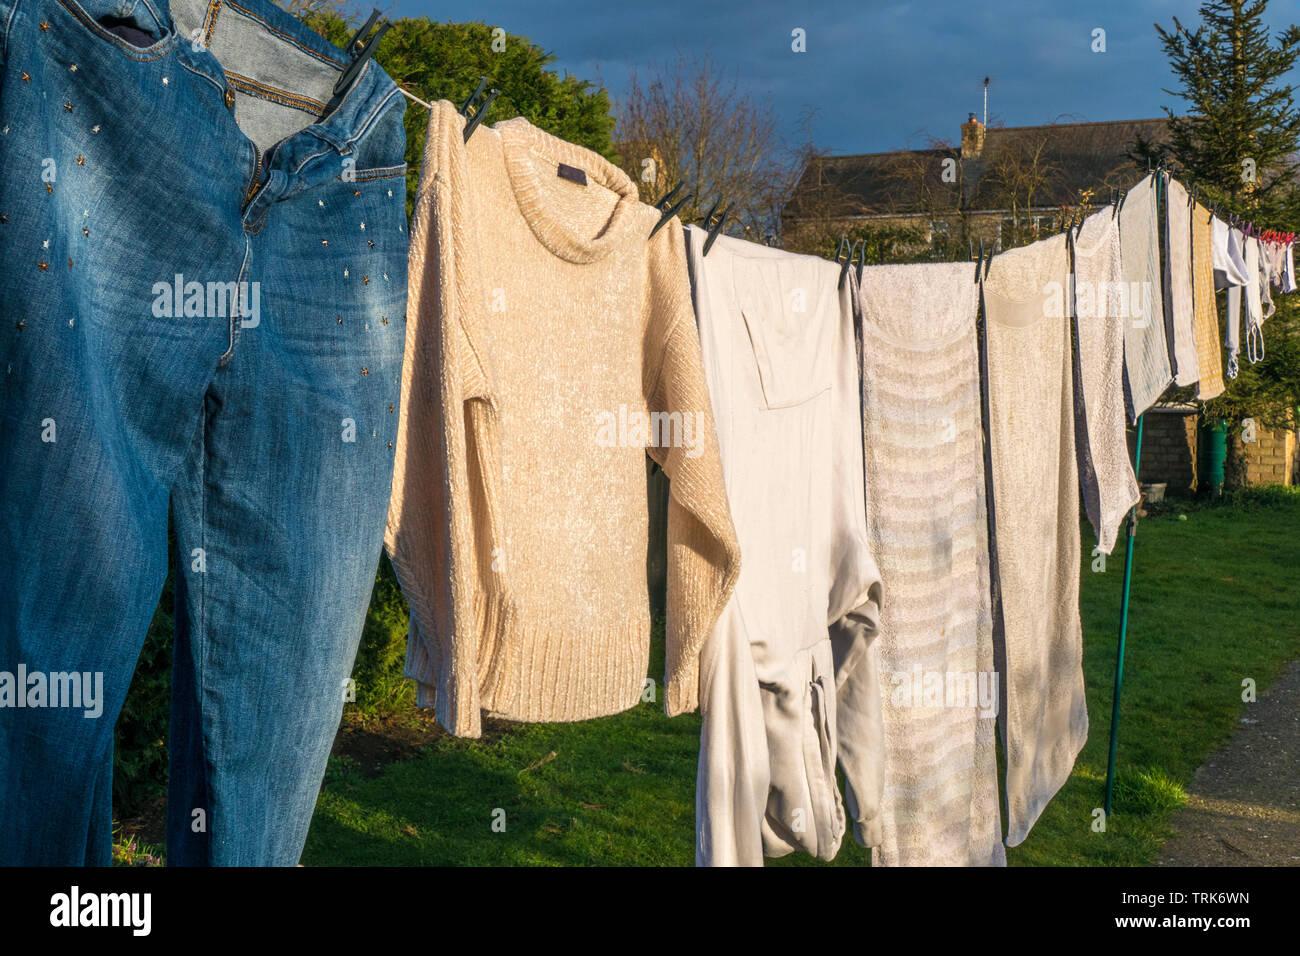 aaa8ec45f Vista lateral de la lavandería interna de la ropa mojada y toallas,  vinculado y colgar